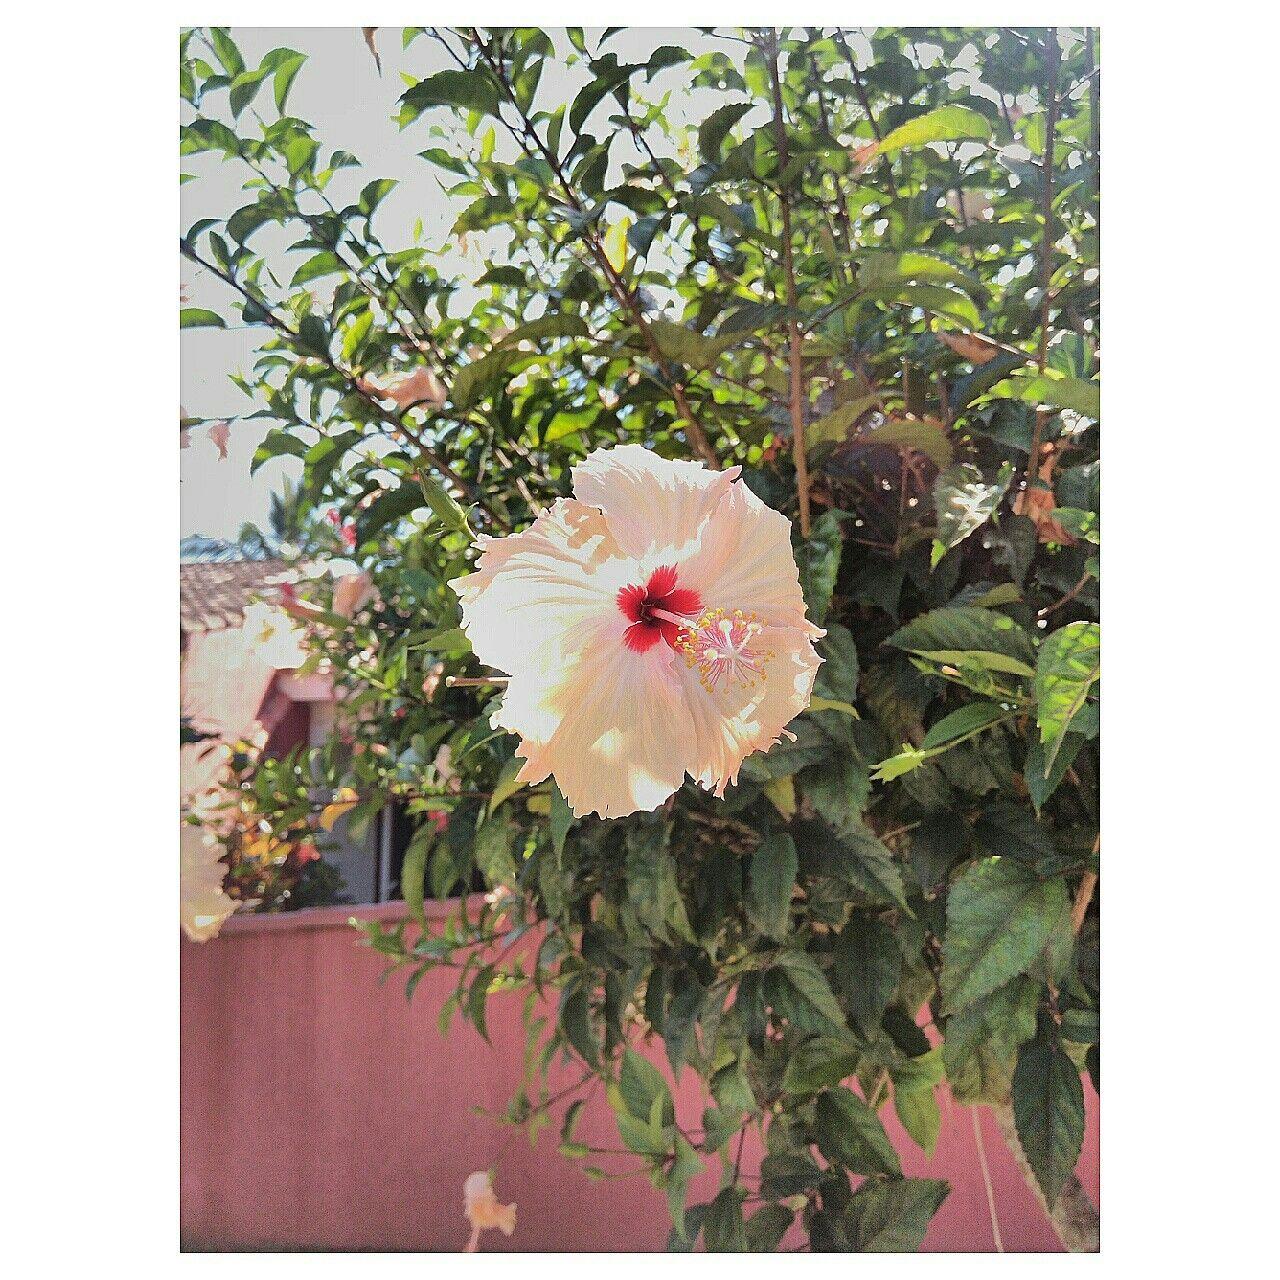 Flor. Itanhaém SP Instagram: camilapedral Foto de: Camila Pedral